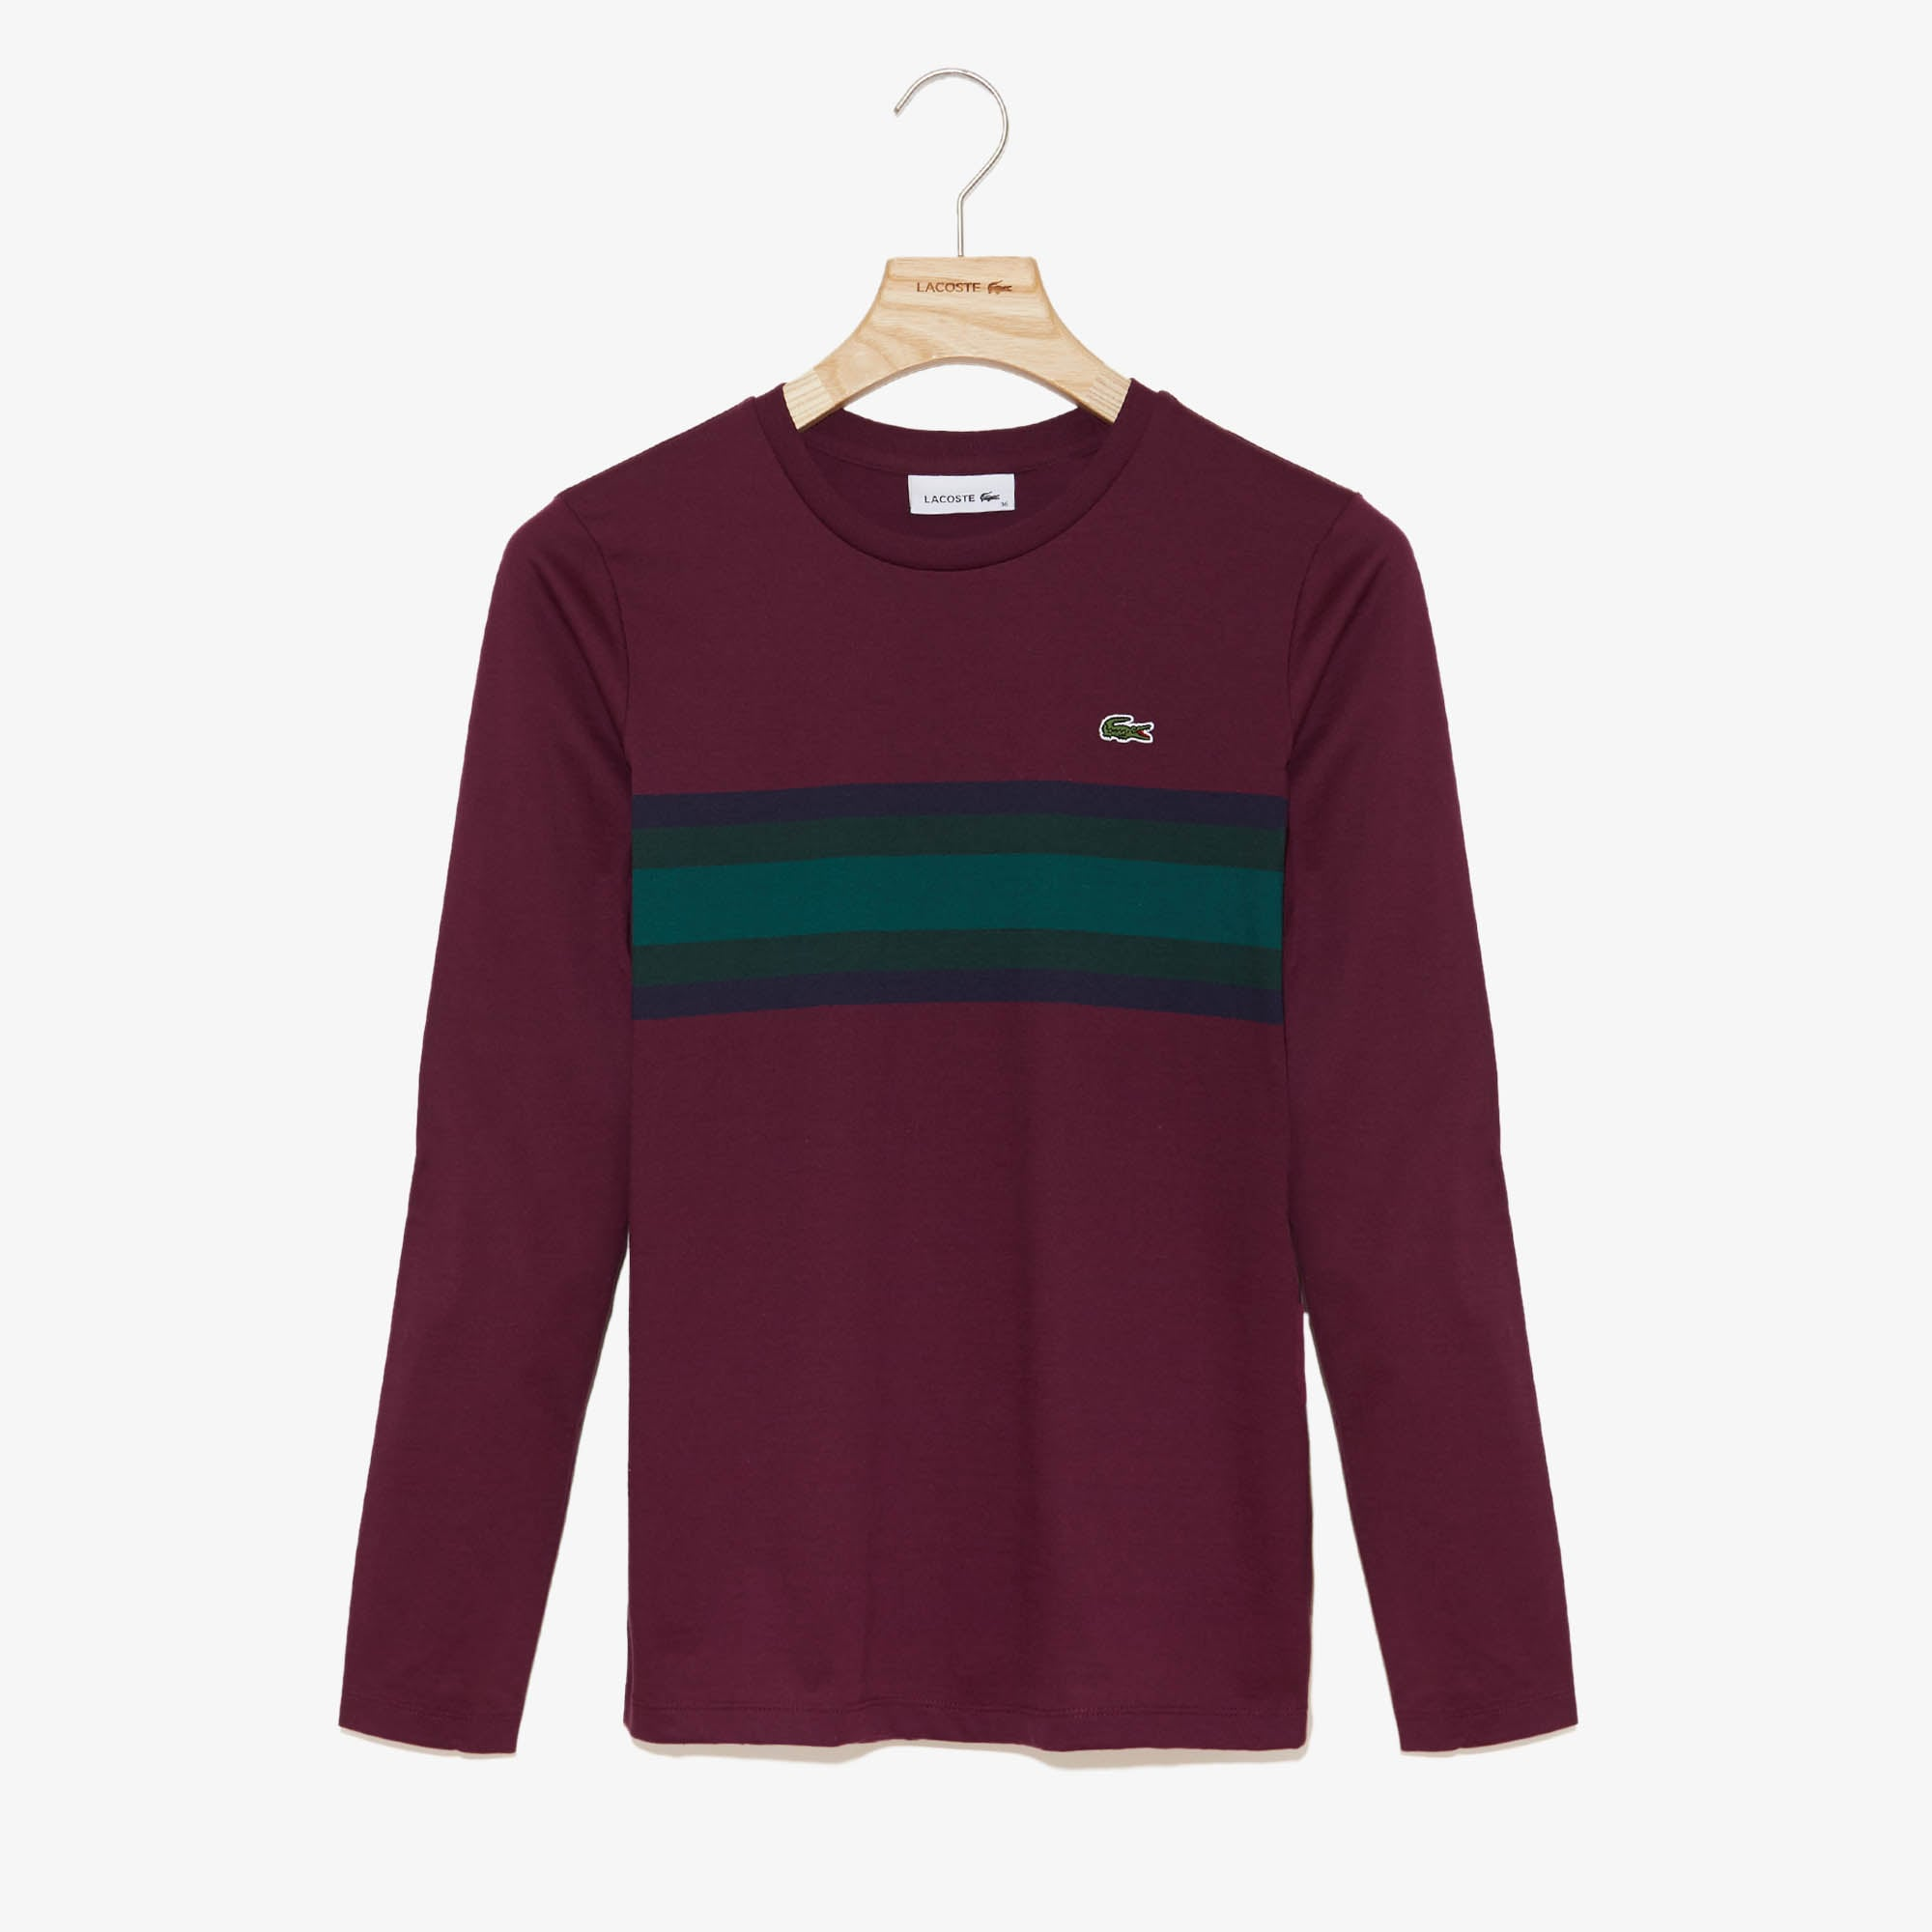 Lacoste Tops Women's Long Sleeve Multicolor Stripe T-Shirt